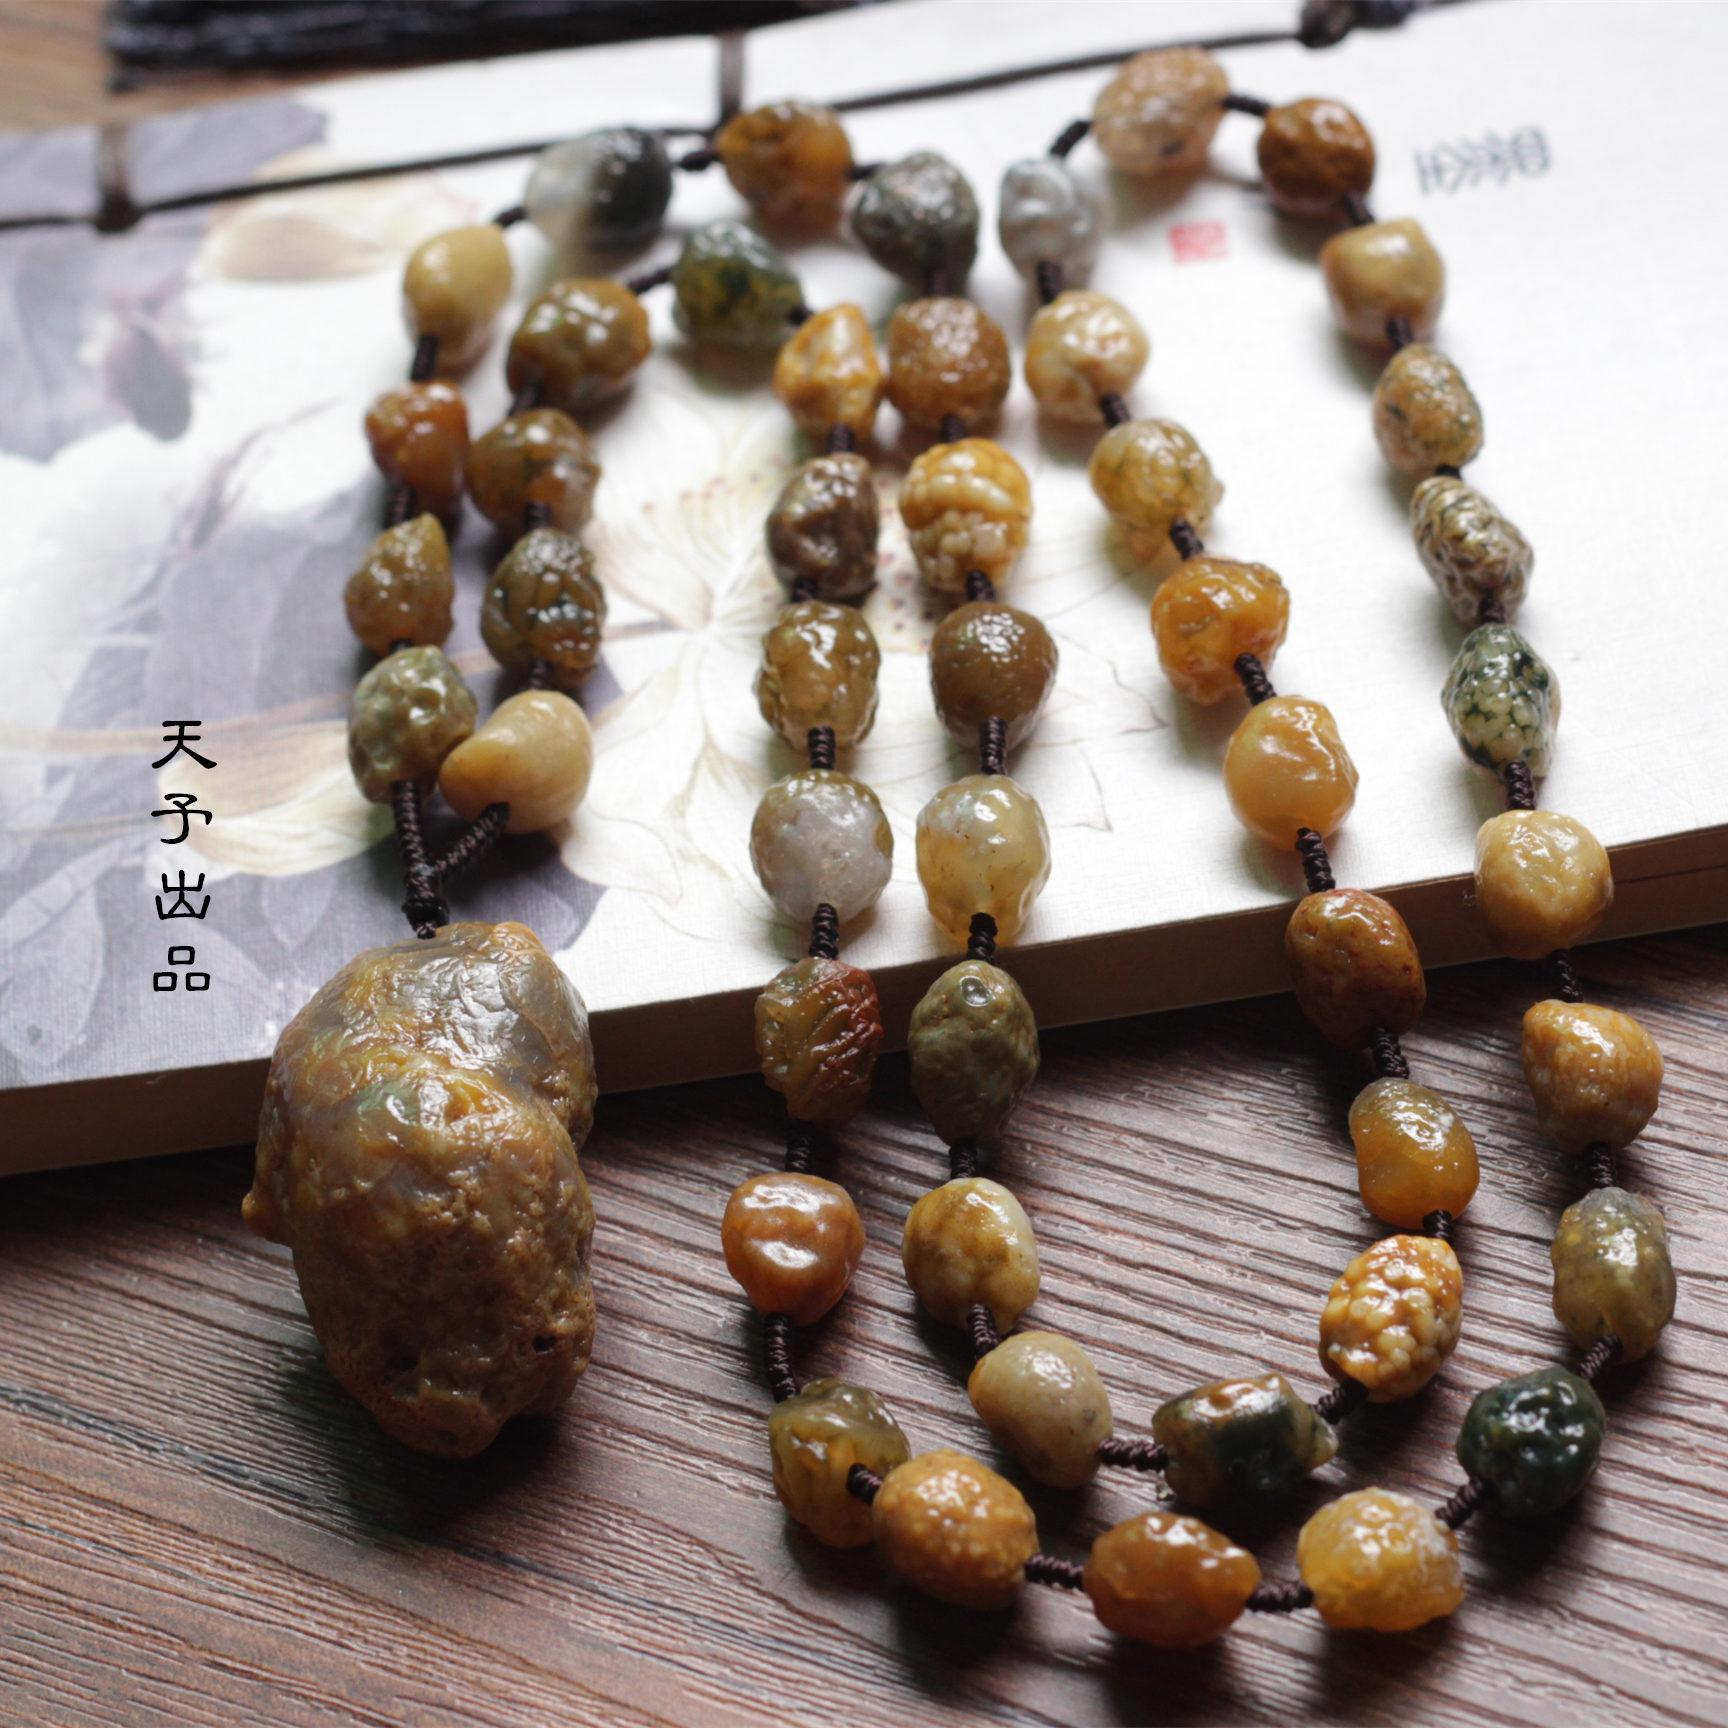 阿拉善玛瑙原石项链毛衣链 经脉石玛瑙原石毛衣链 天然原石戈壁石